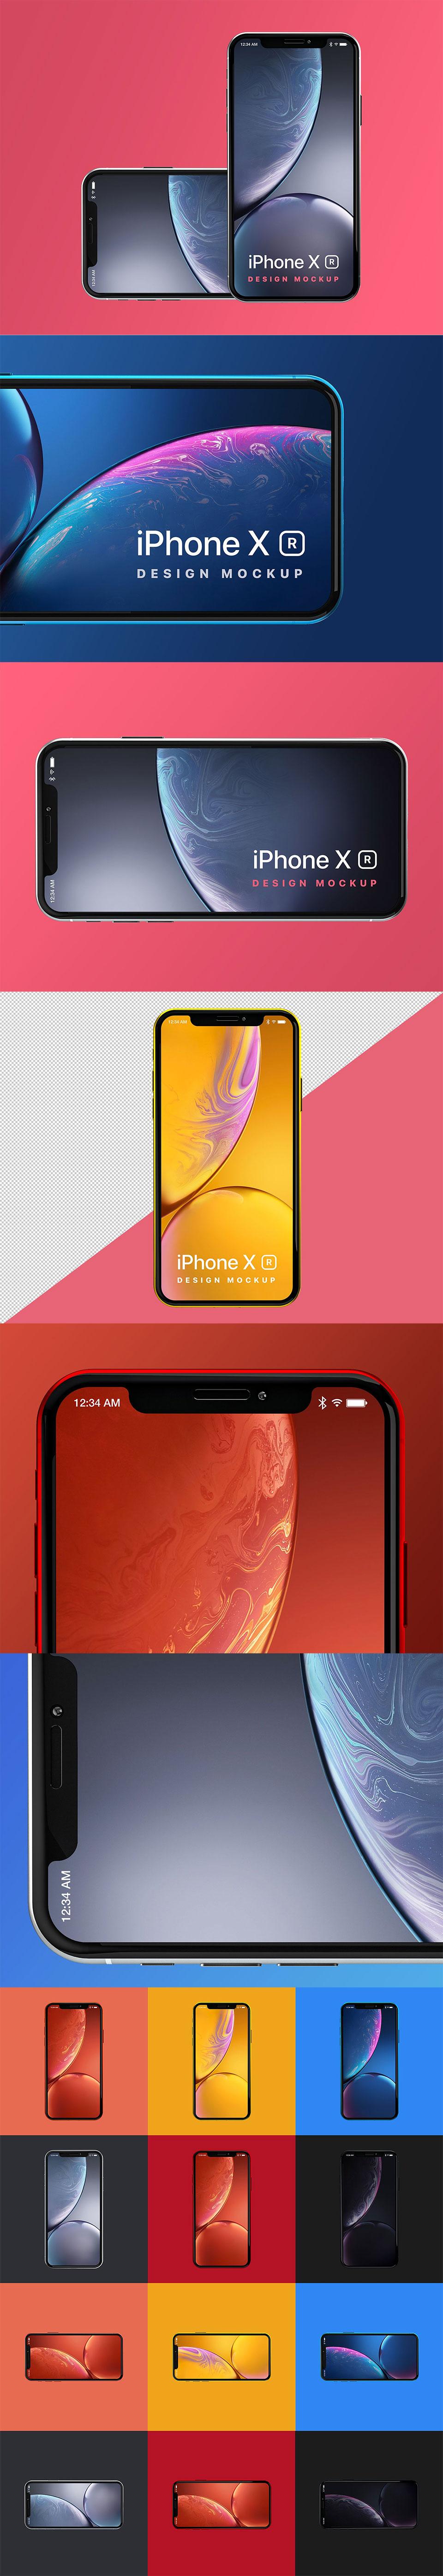 新鲜的 iPhone XR 样机下载 [PSD]